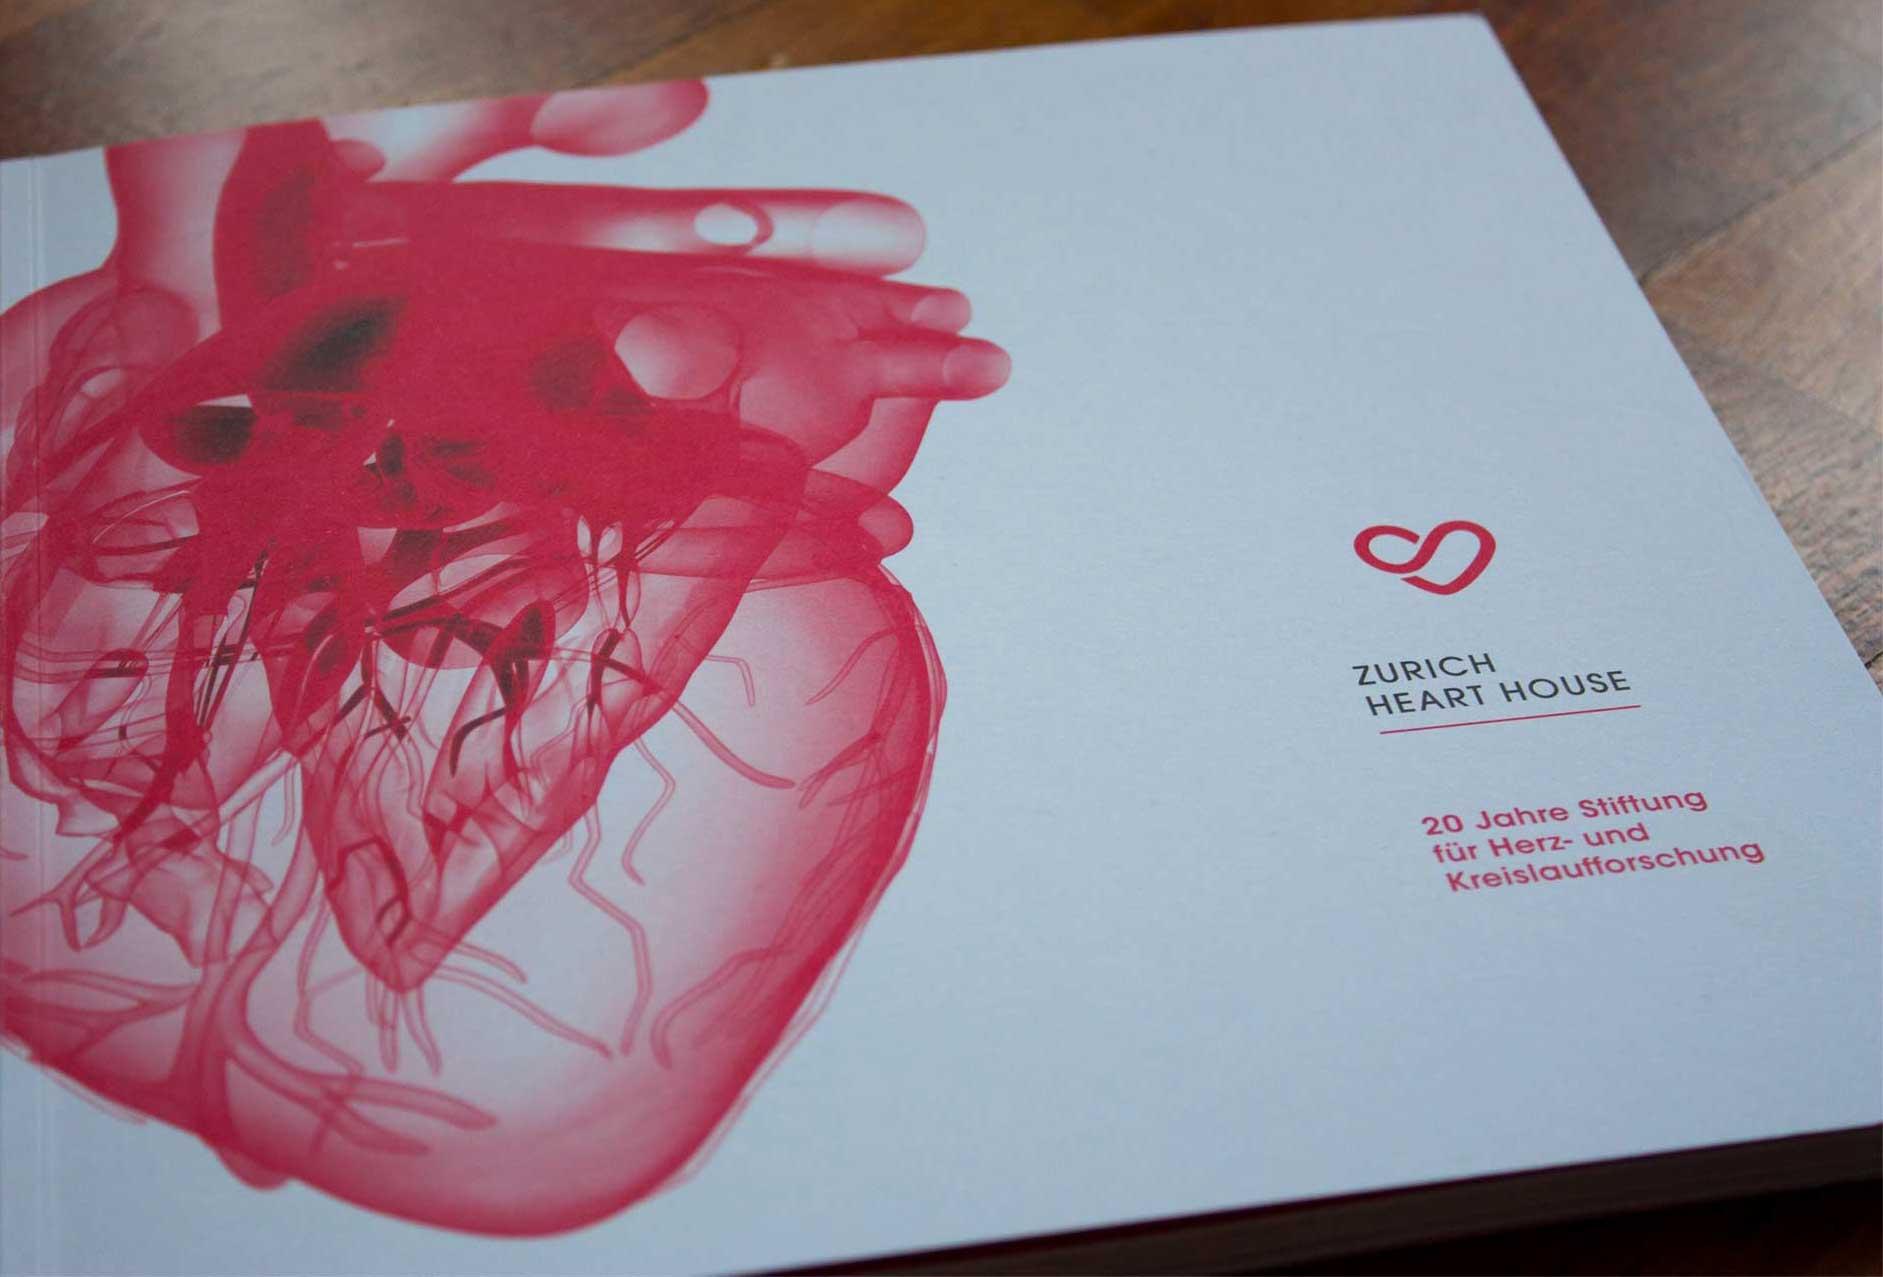 Mit transparent-rotem Herz gestaltetes Cover für das Zurich Heart House, Zuerich